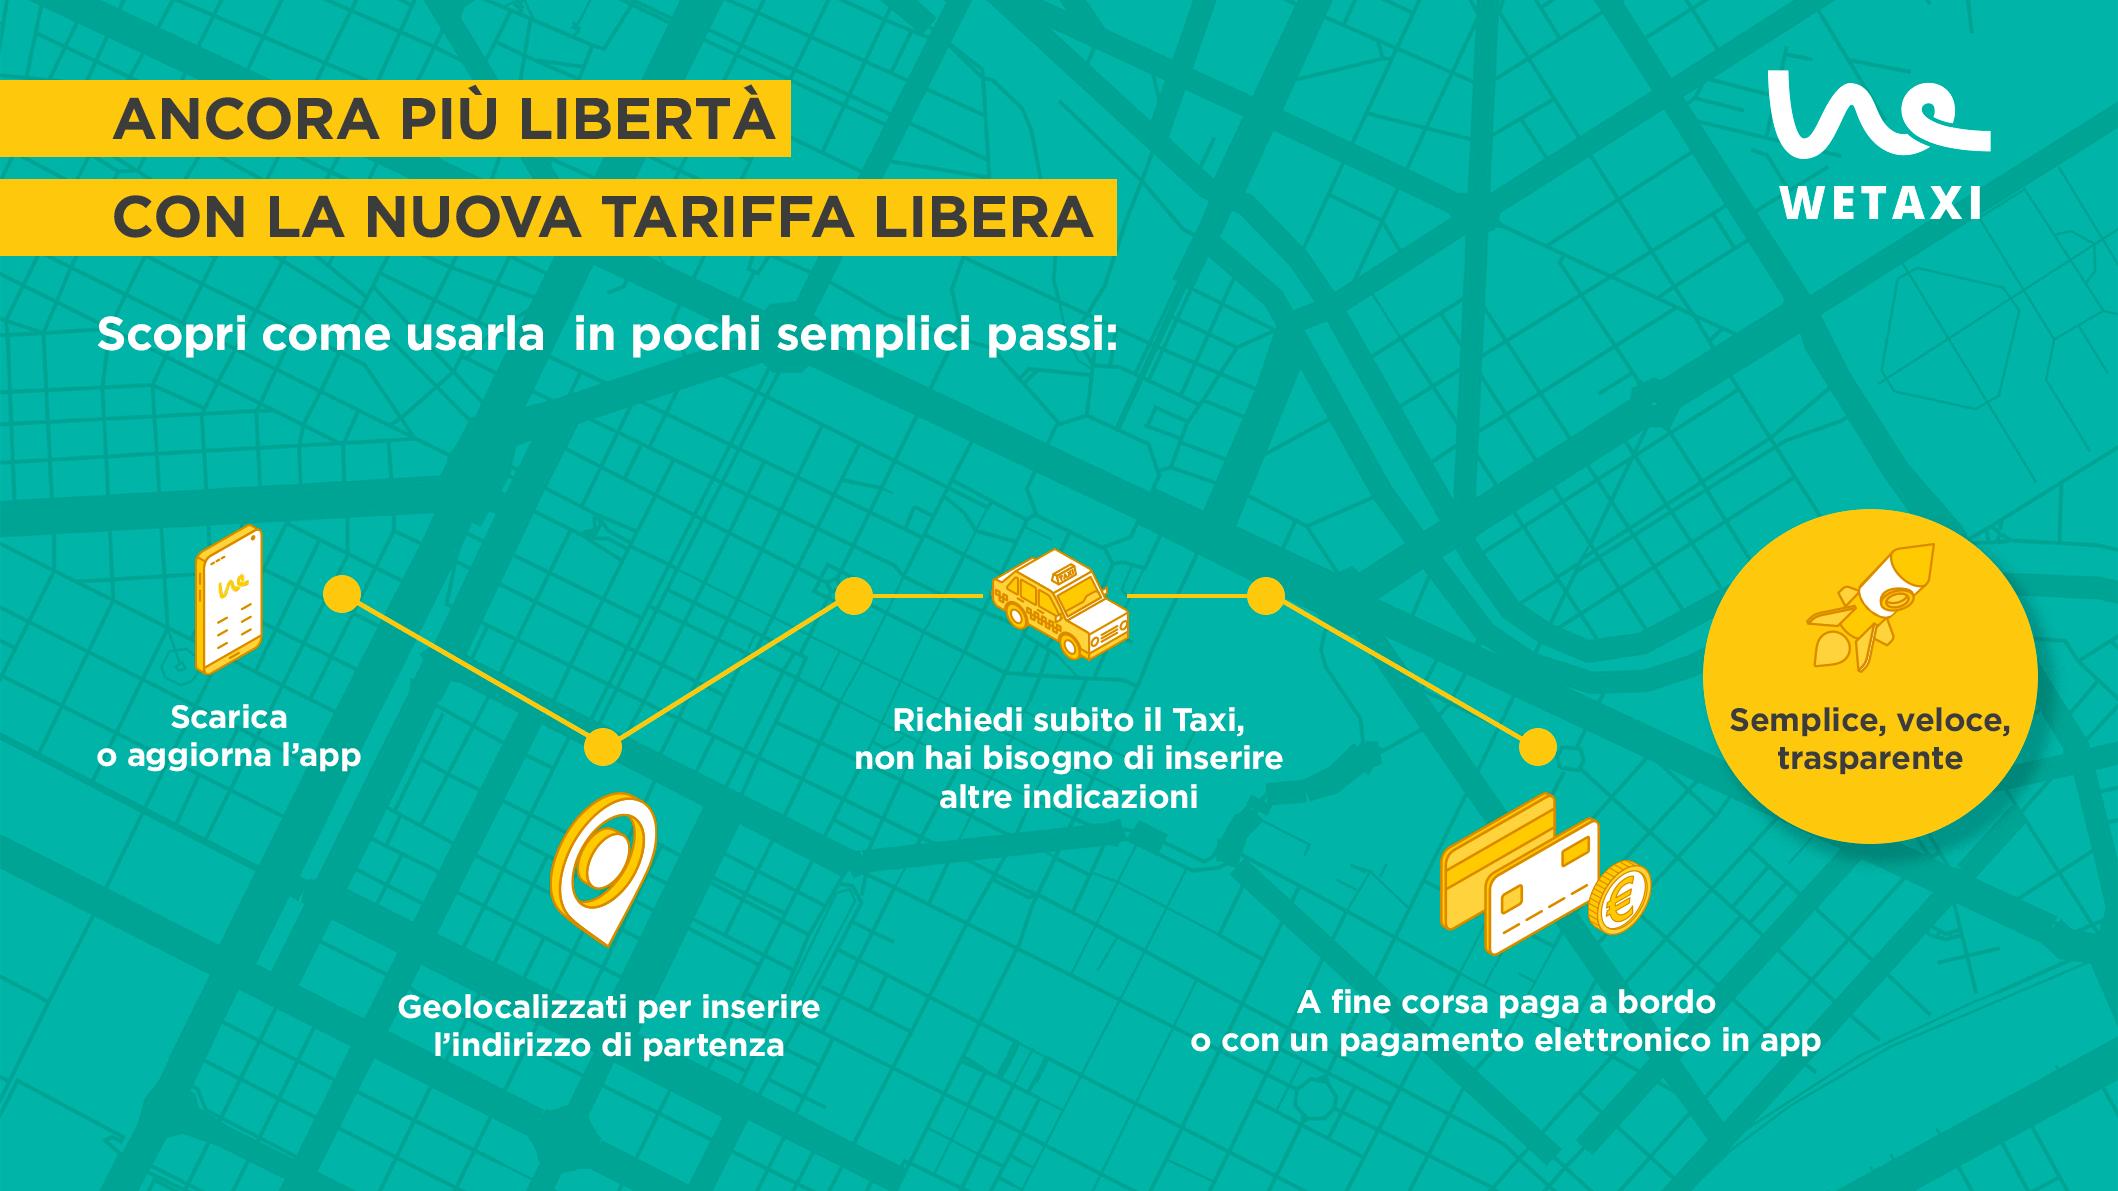 Ancora più libertà di movimento con la Tariffa Libera Wetaxi